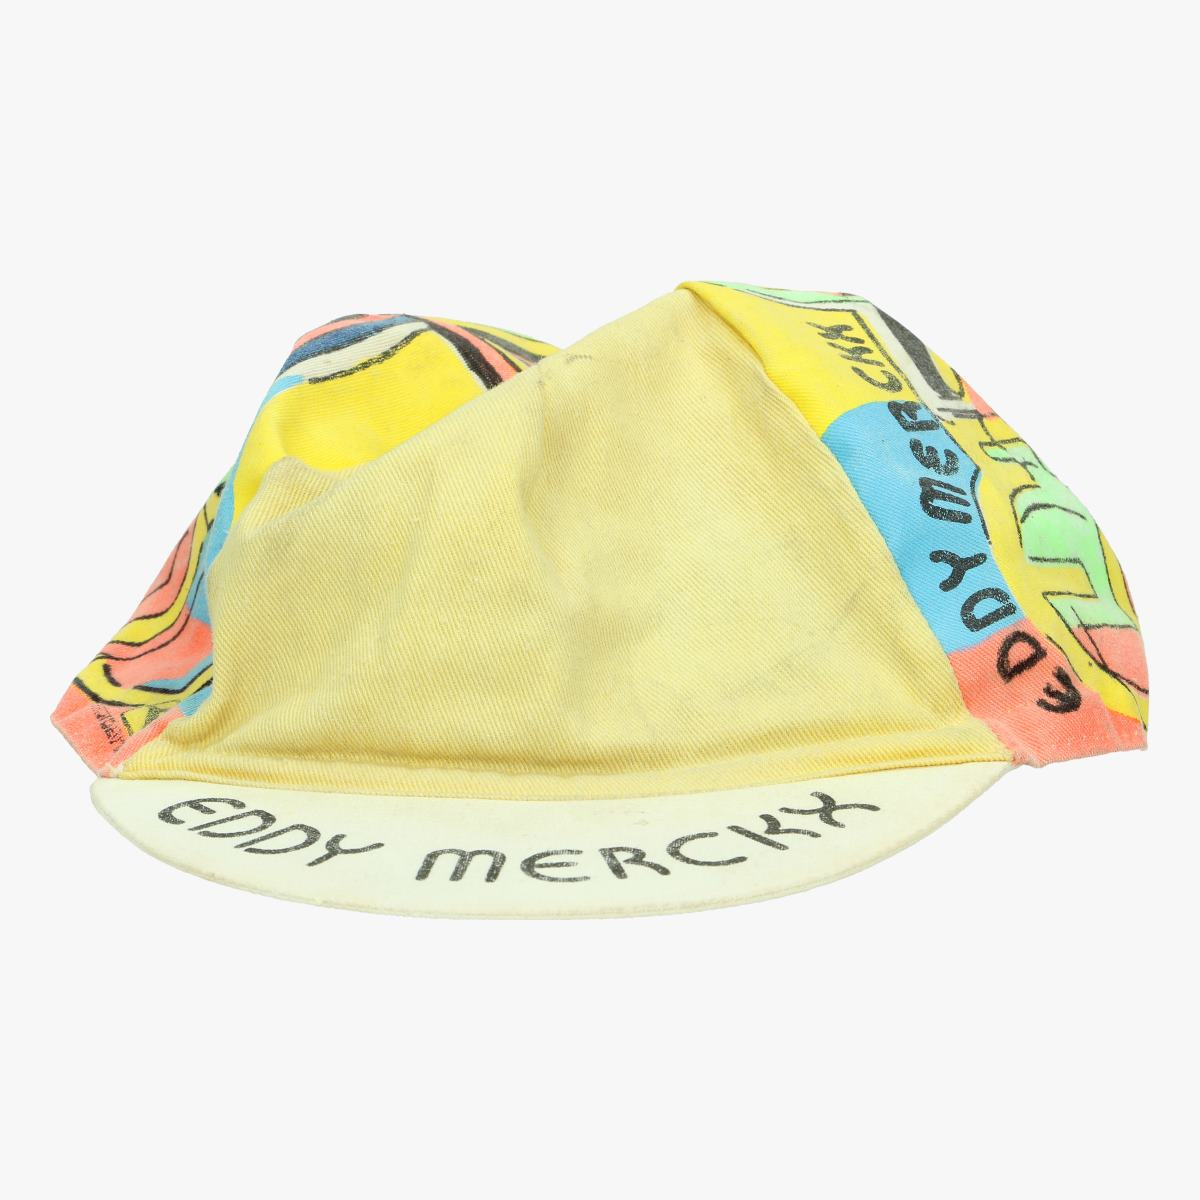 Afbeeldingen van wielrennen oude petje Eddy Merckx